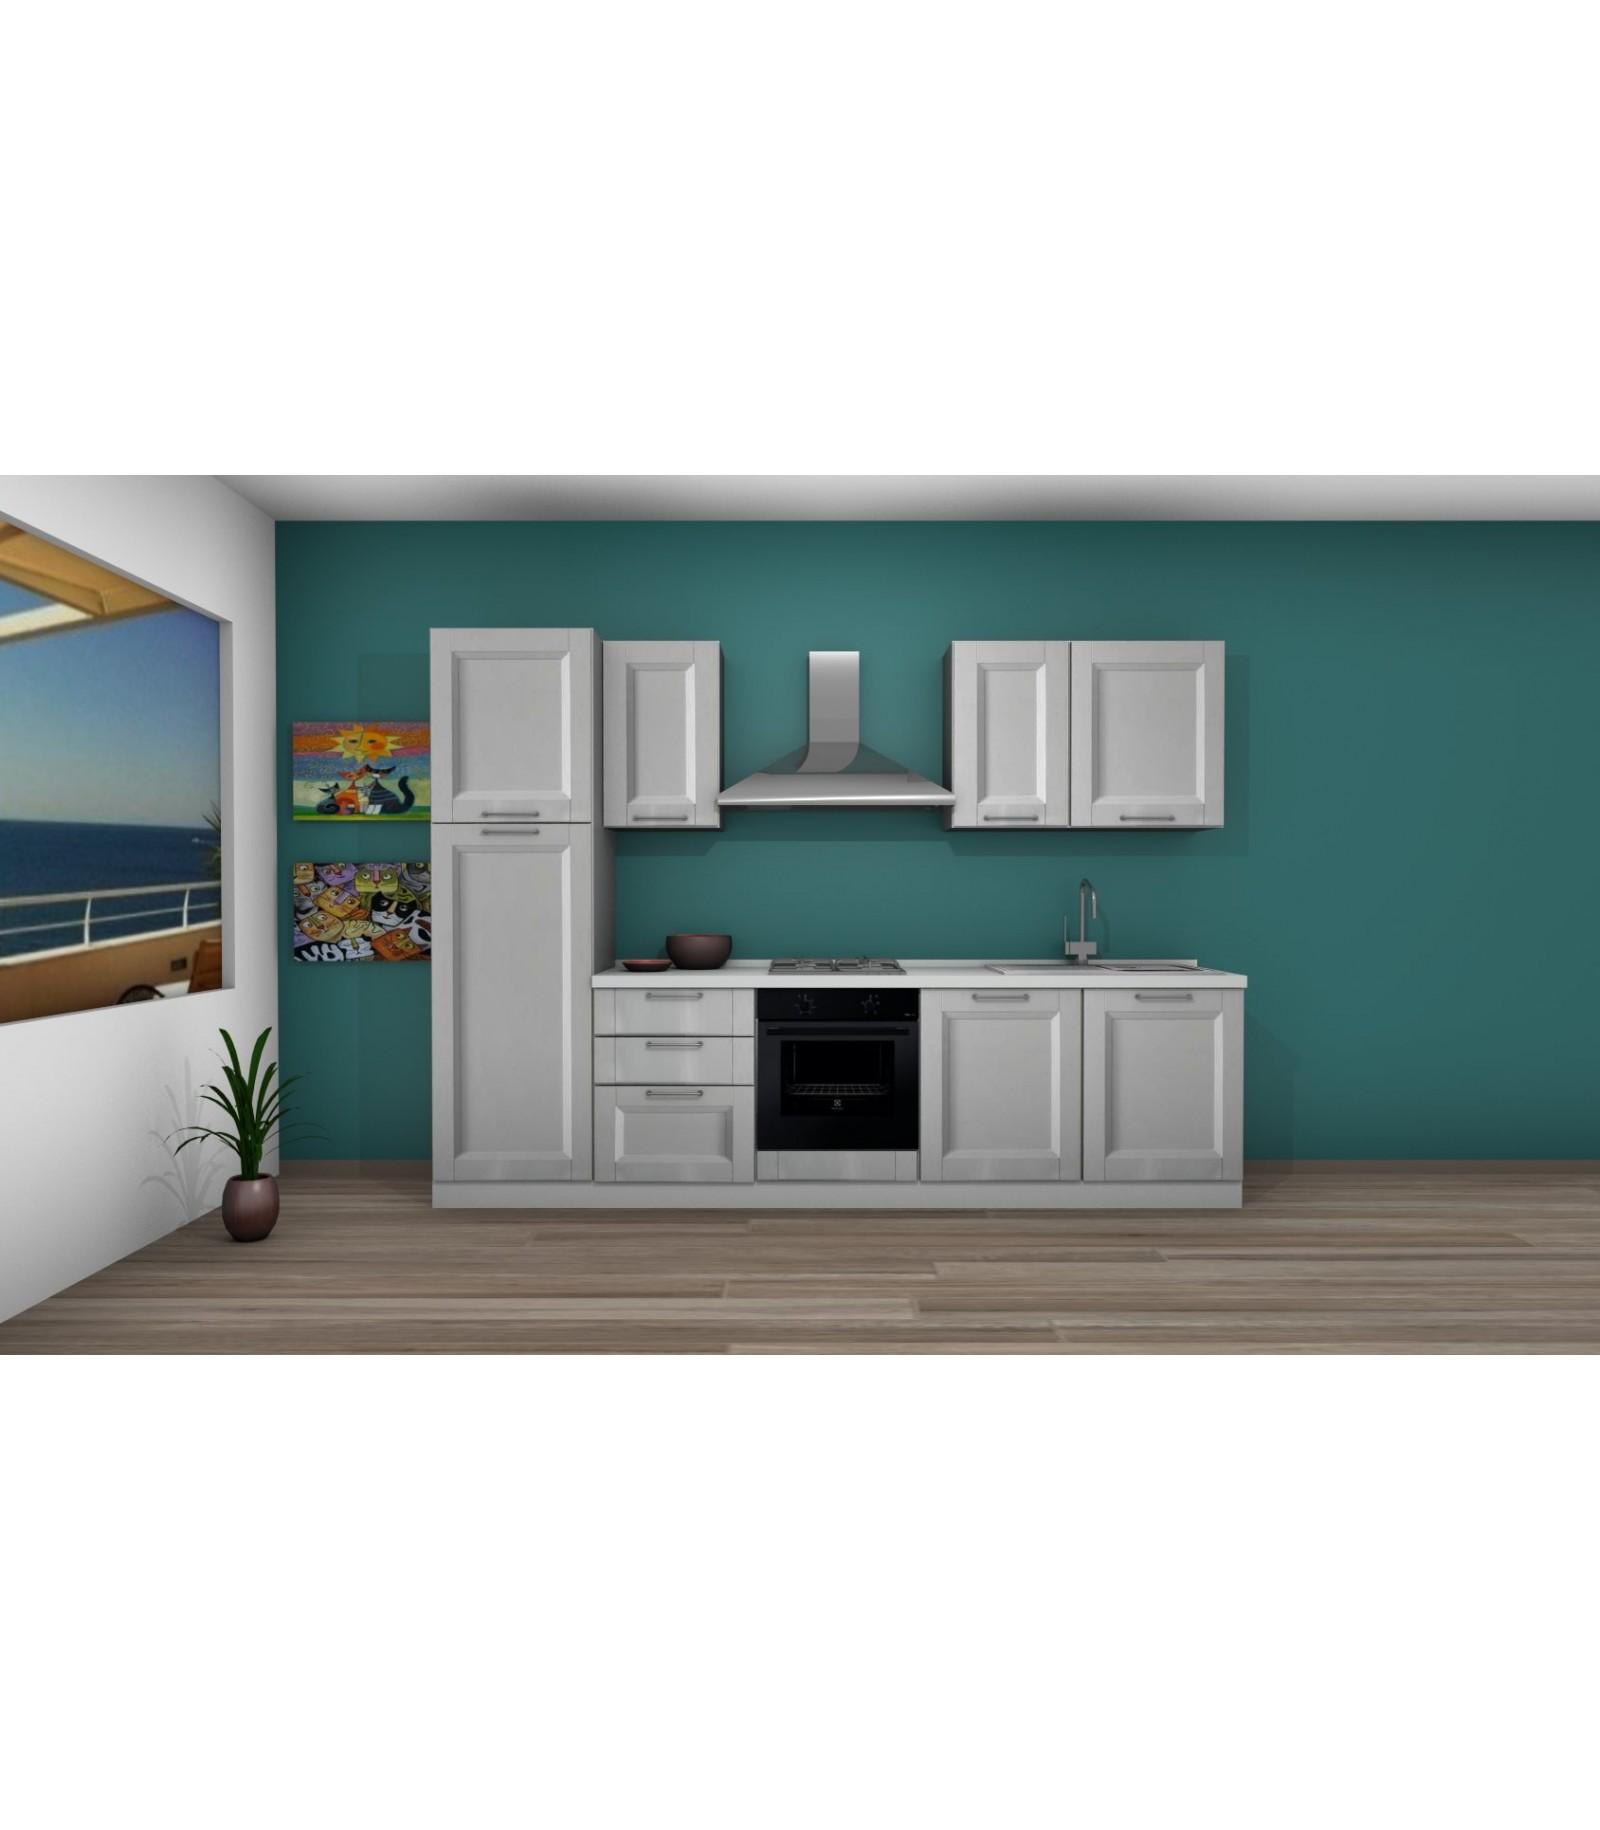 Cucina 02 lunghezza 300 cm ada telaio mariotti casa - Lunghezza cucina ...